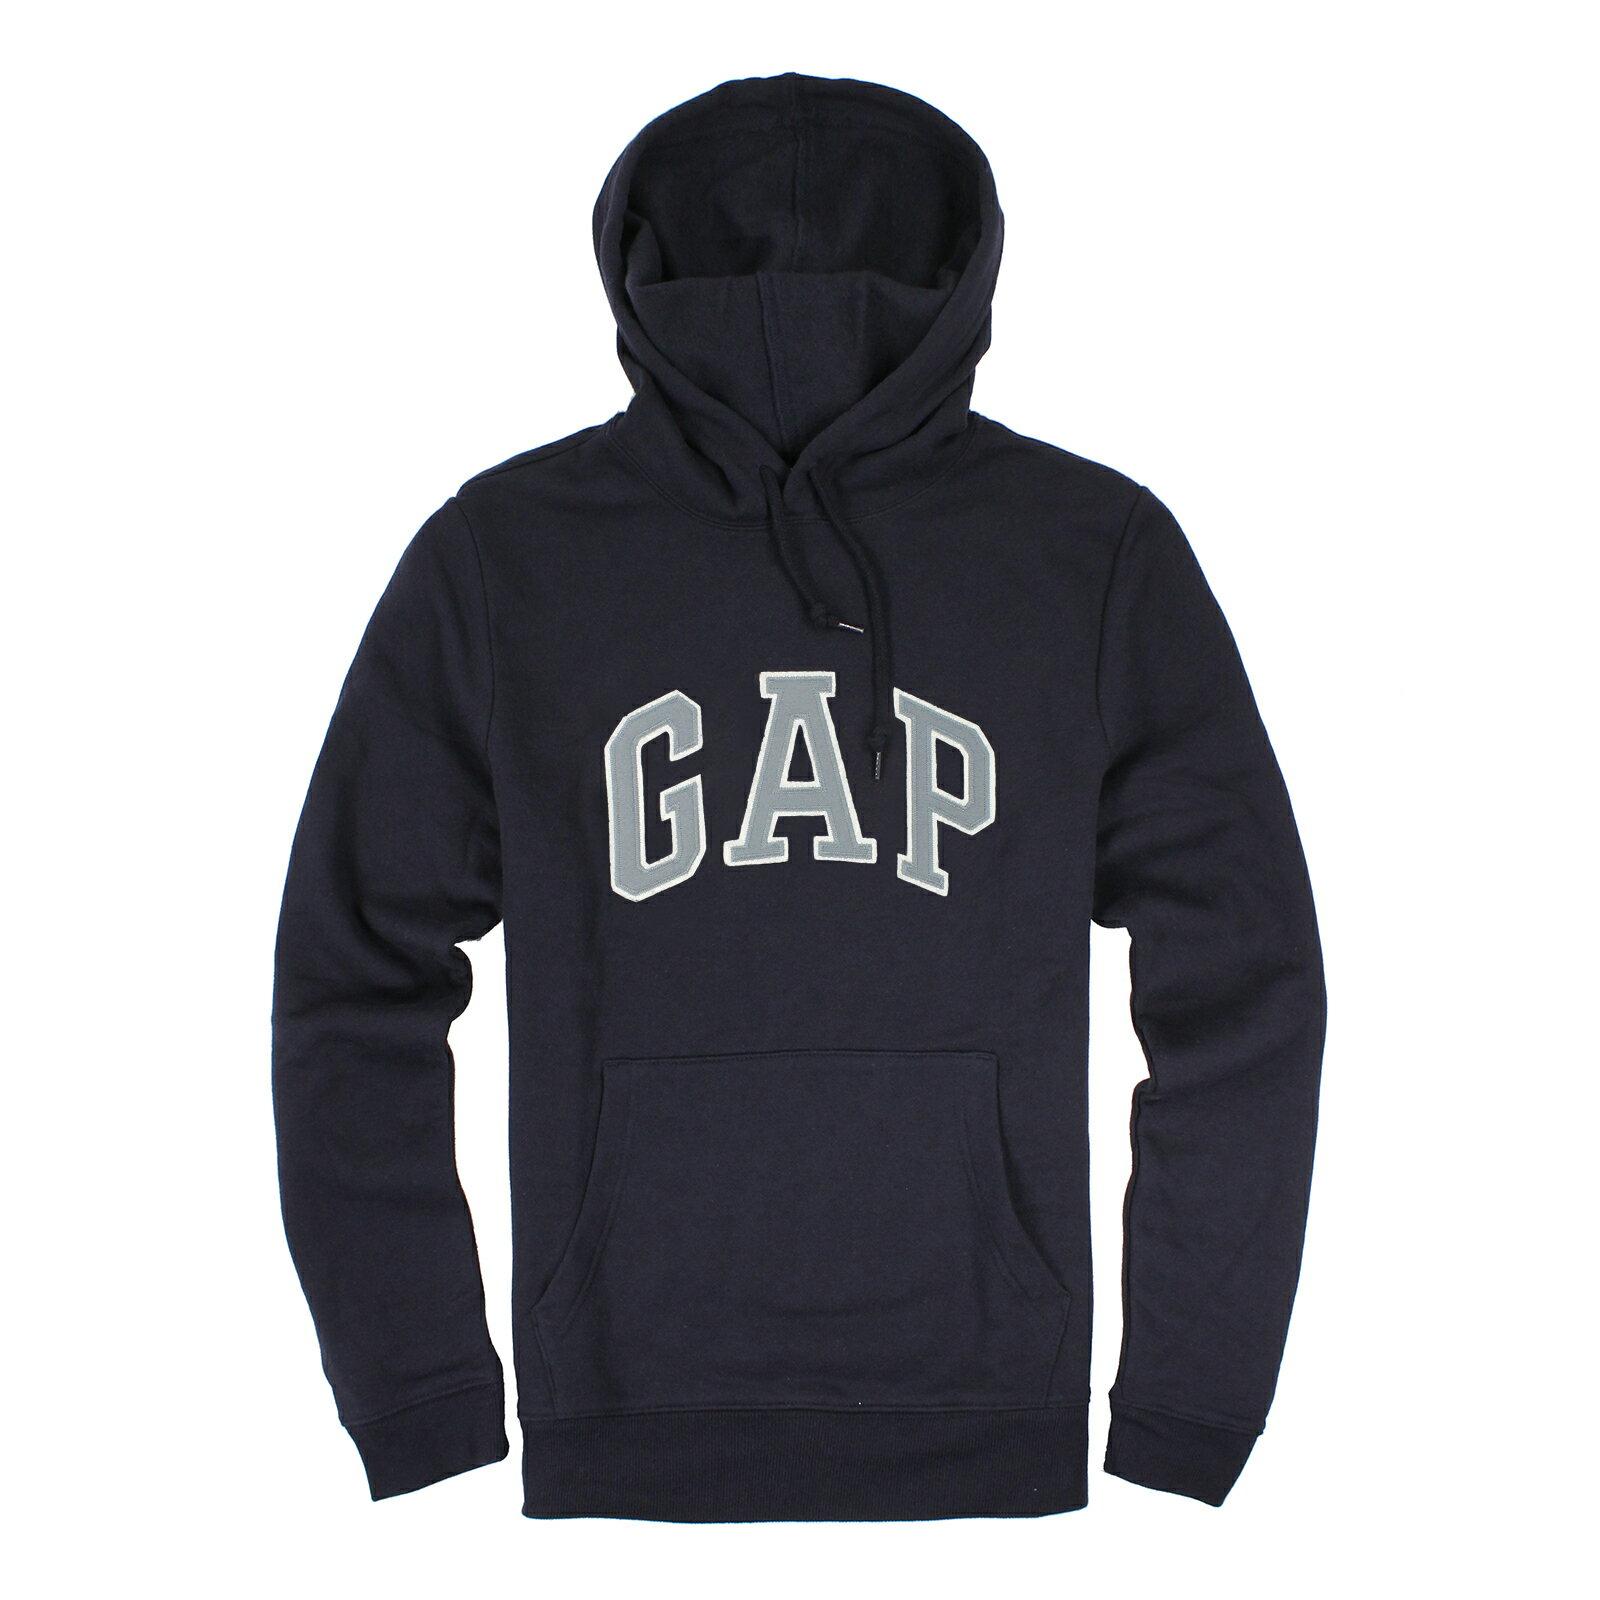 美國百分百【全新真品】GAP 帽T 上衣 外套 長袖 連帽 LOGO 貼布 深藍 現貨 男 M號 E463